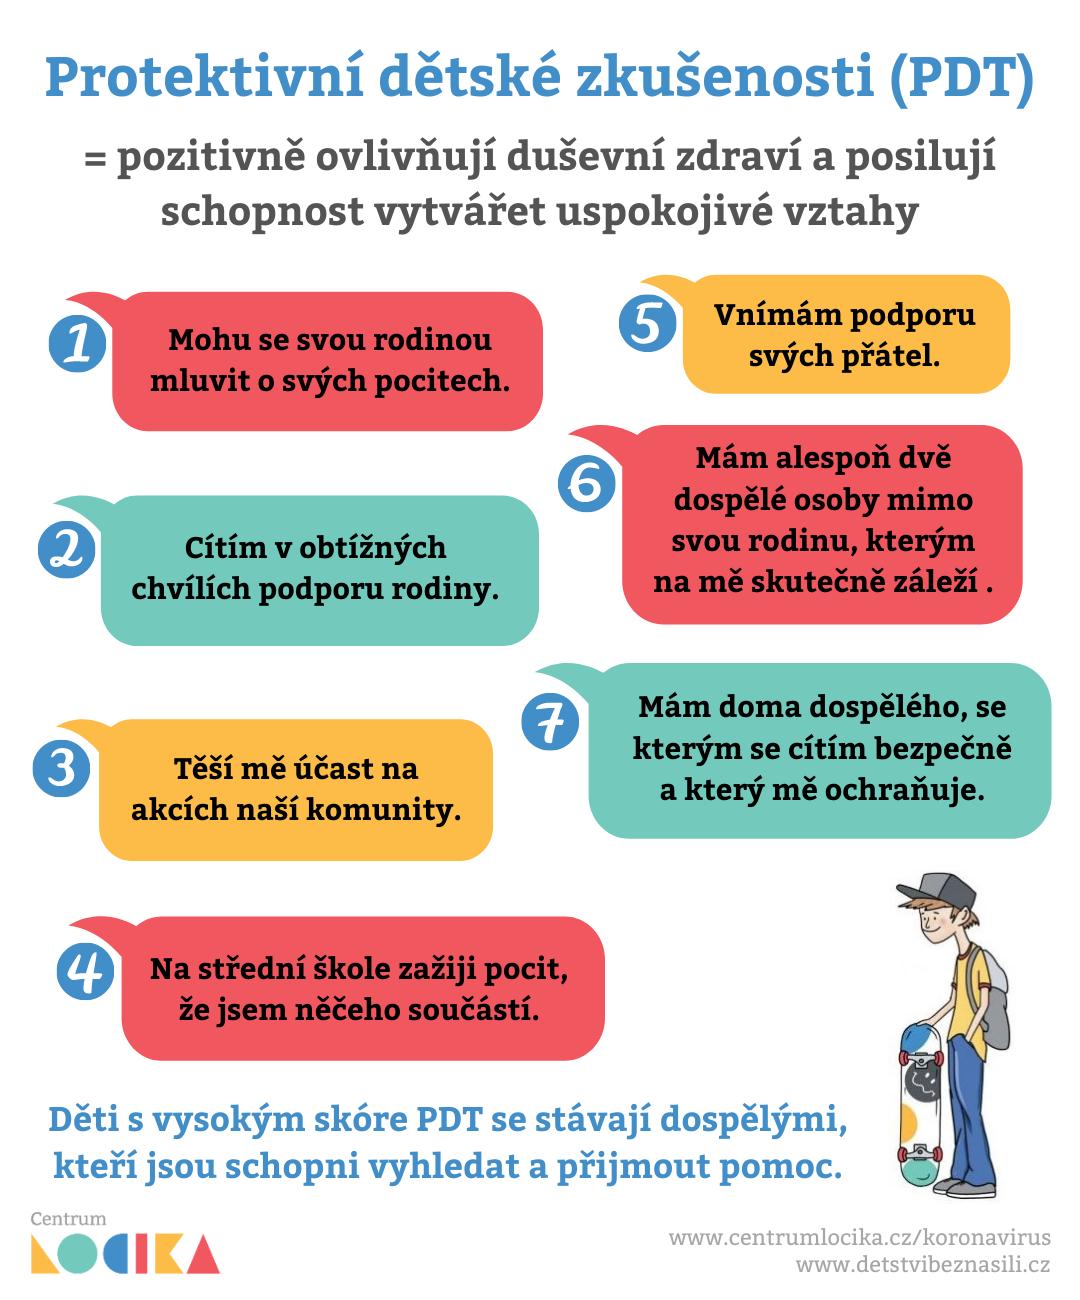 Protektivní dětské zkušenosti (PDT)